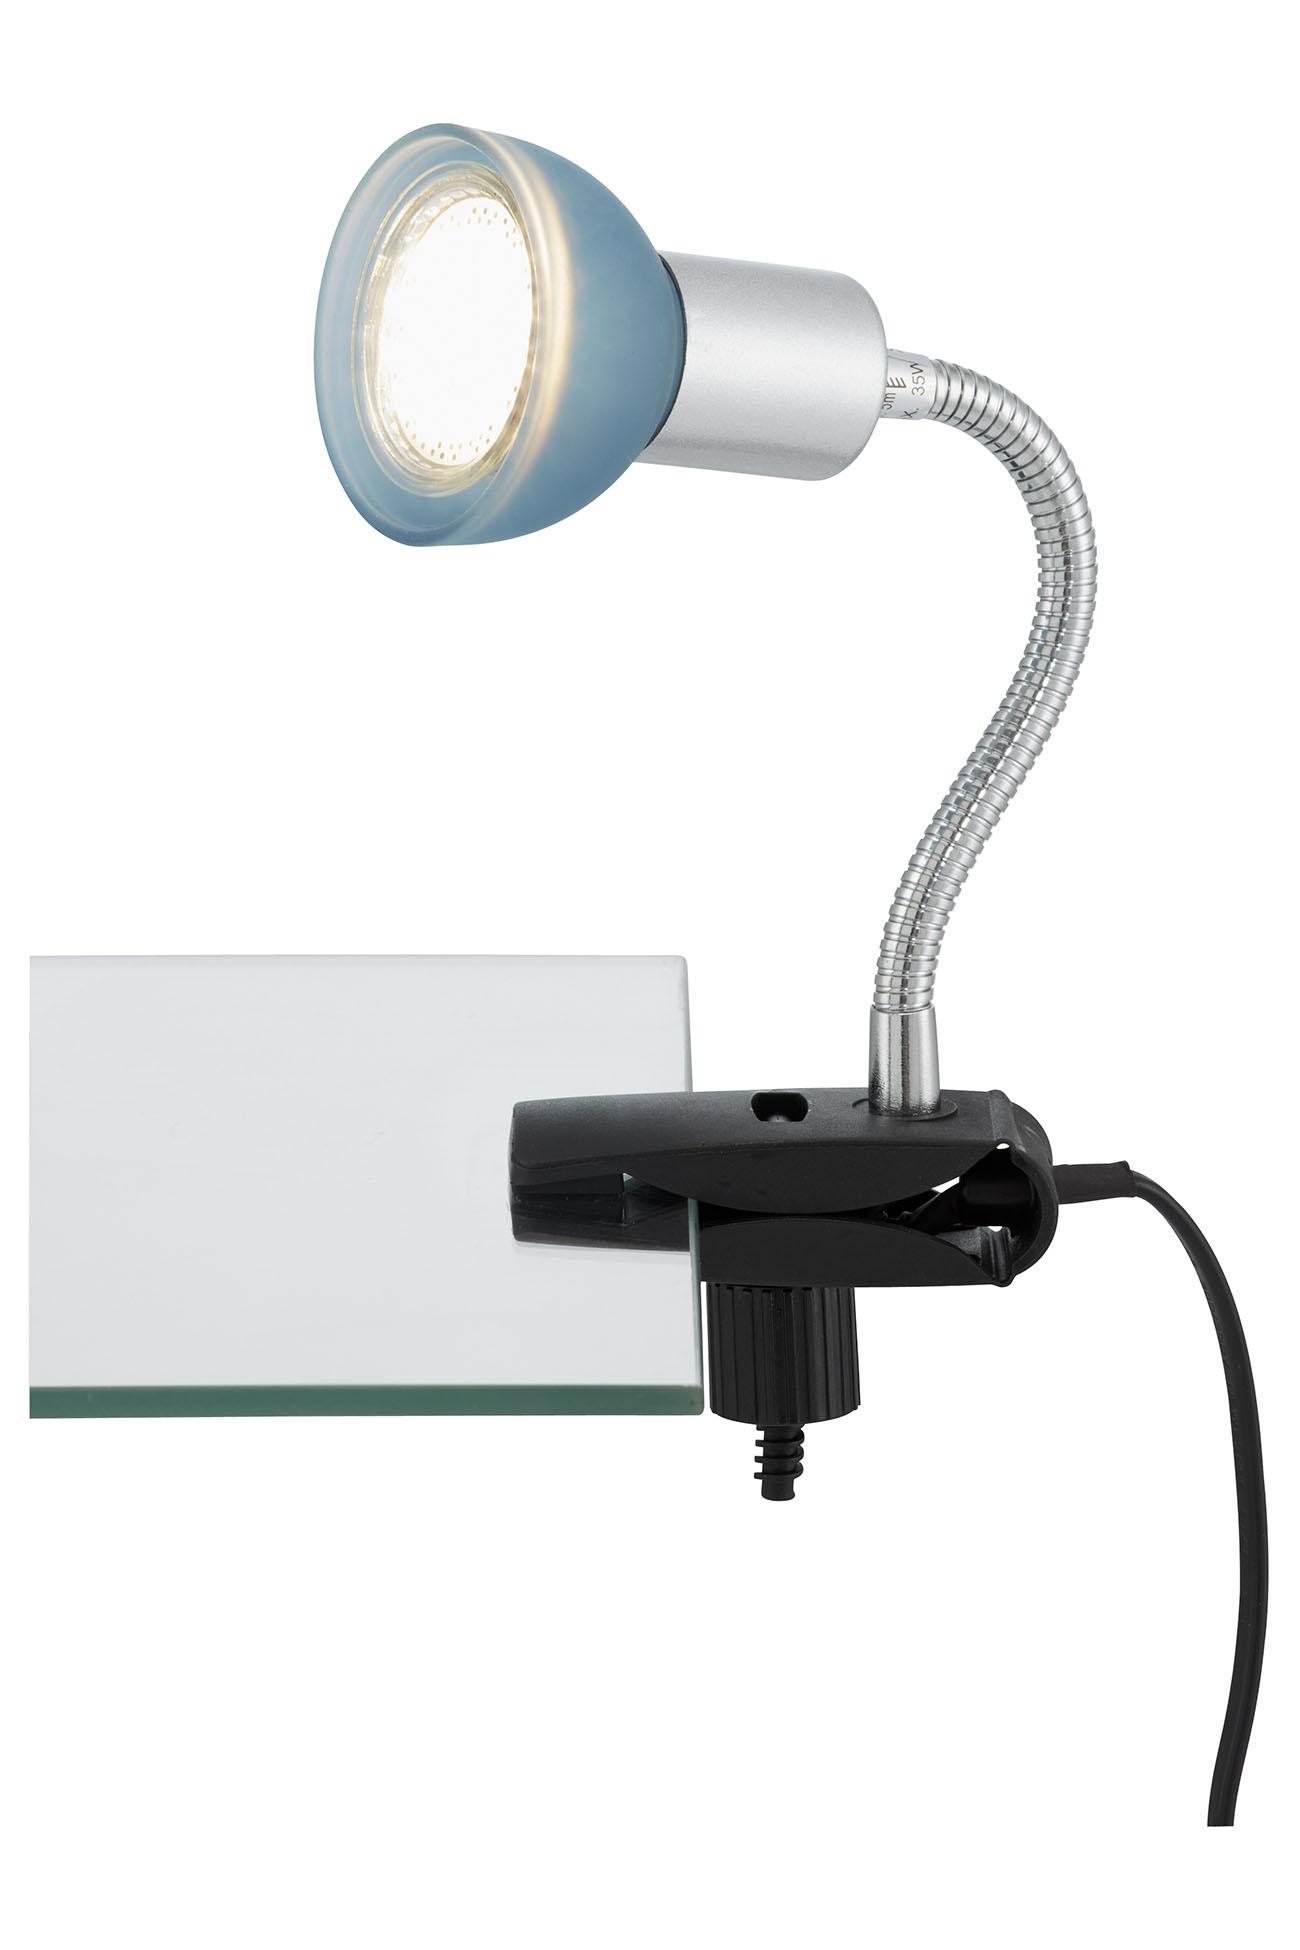 LED Klemmleuchte, 9 cm, 3 W, Titan-Blau